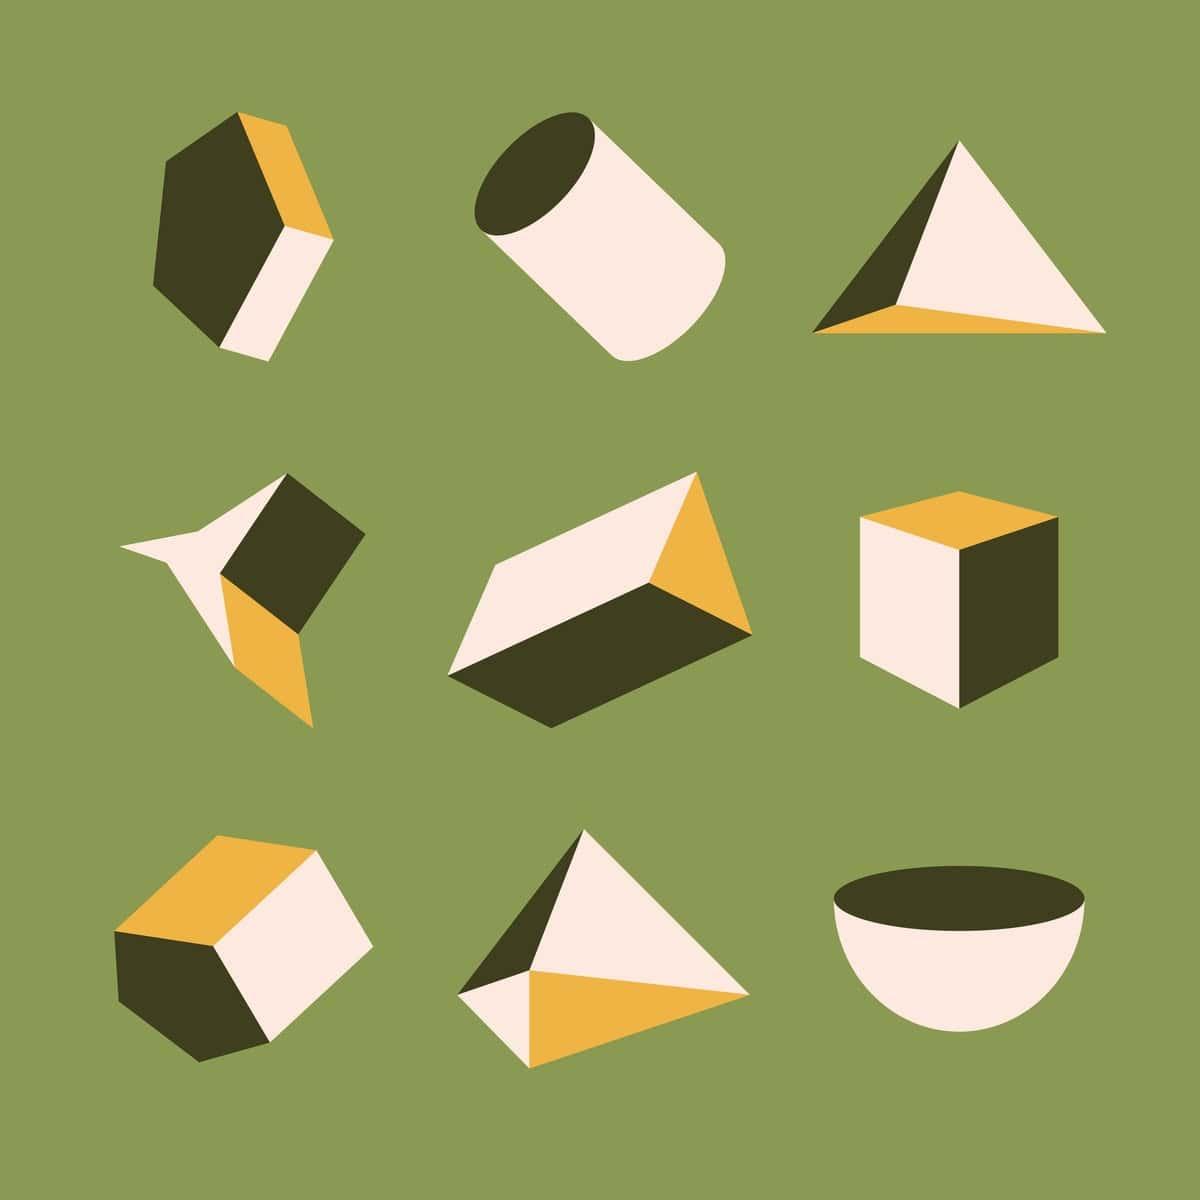 un ensemble de formes géométriques classiques des mathématiques